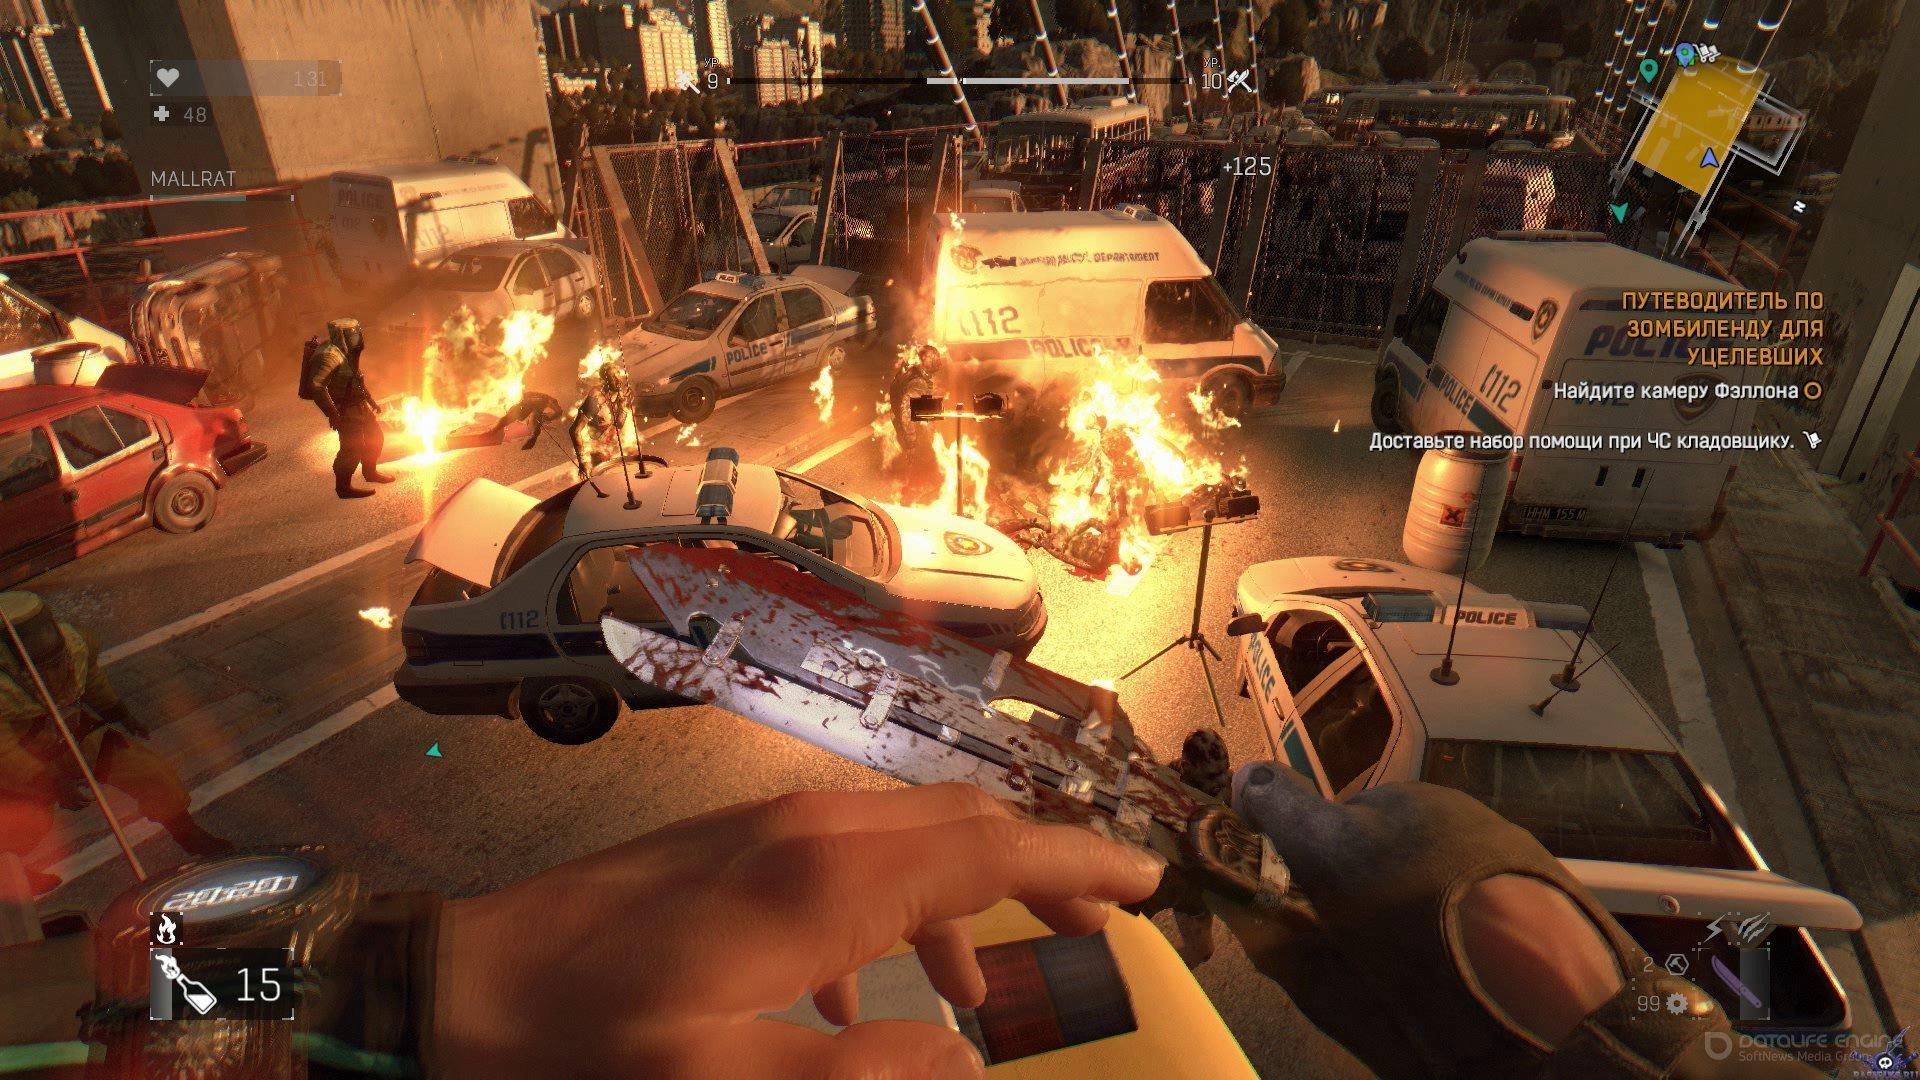 Скриншот к игре Dying Light v.1.38.0 [Steam-Rip] (2015) скачать торрент Лицензия